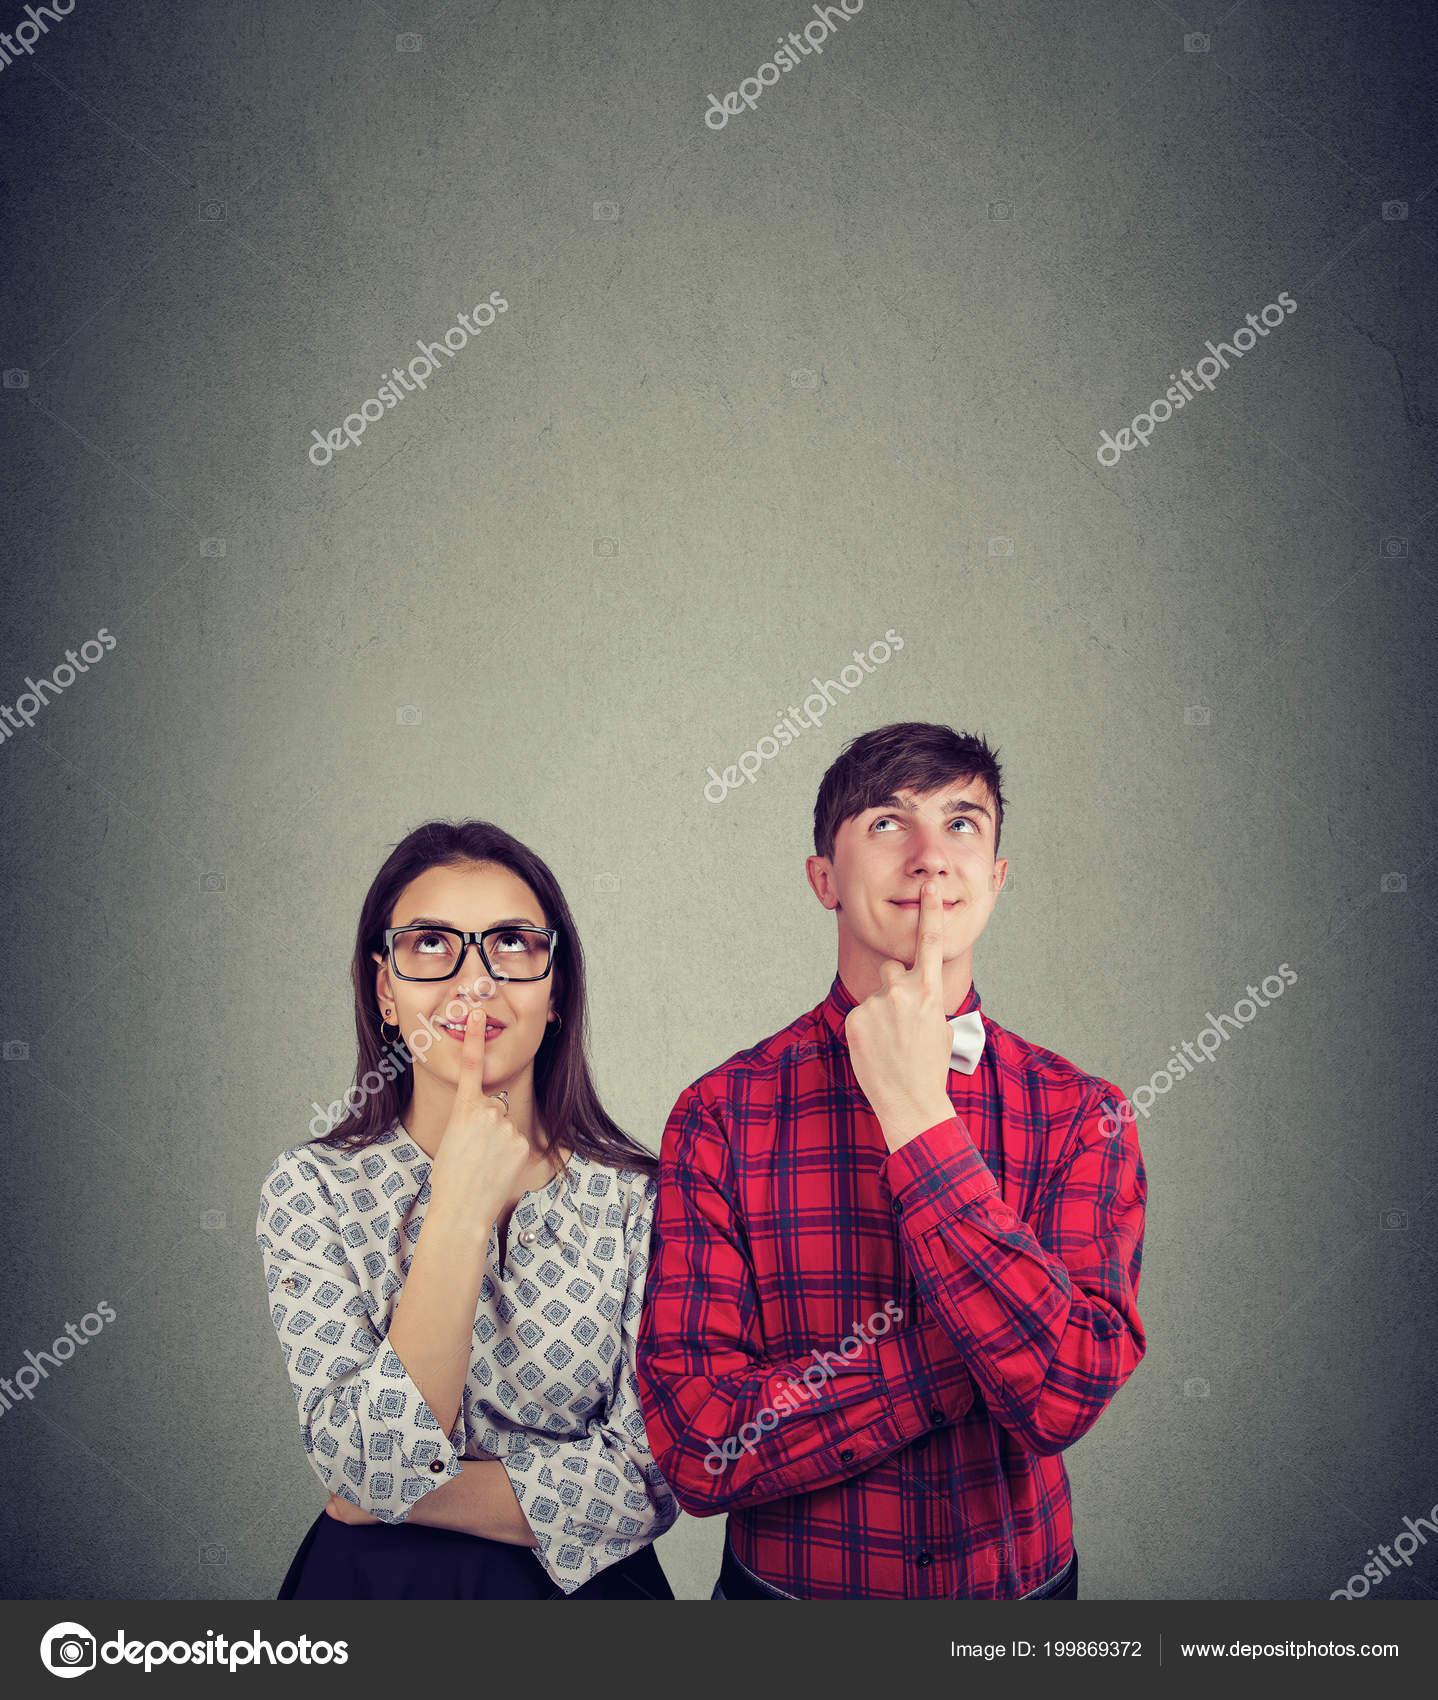 Смотреть фото девушек и мужчин вместе — 14